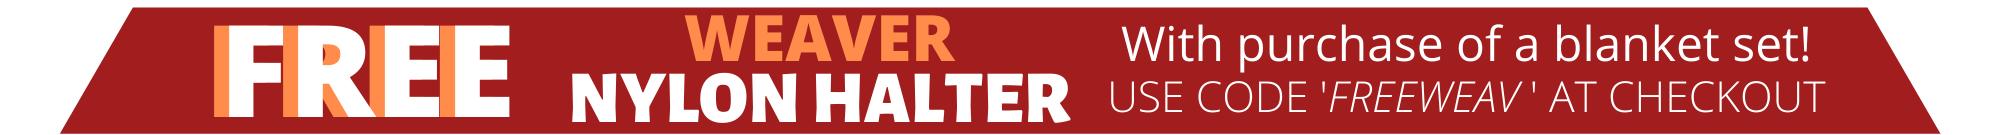 banner_weaver_halter